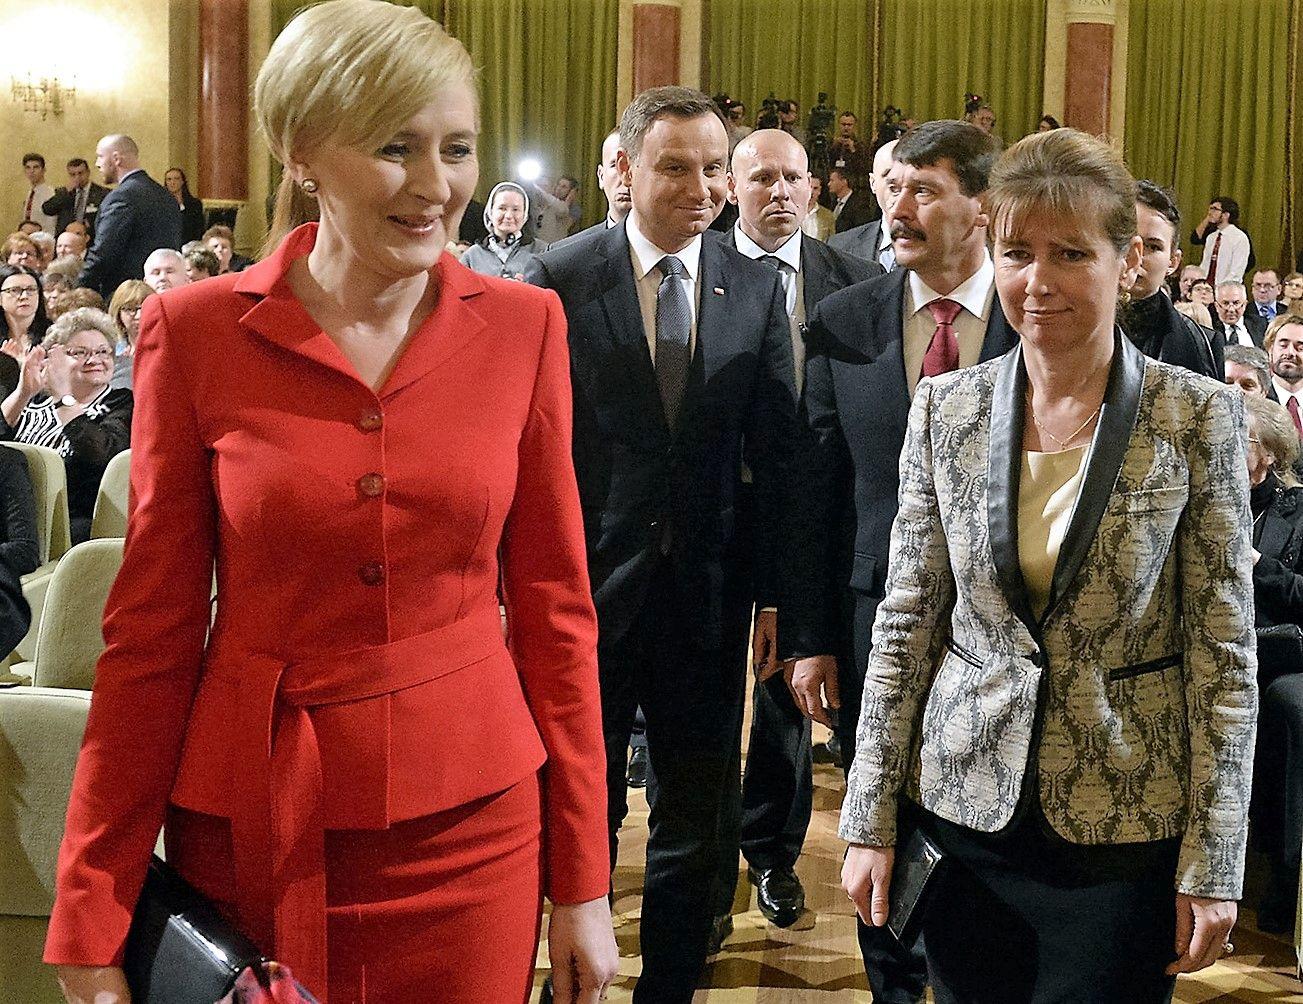 Budapest, 2016. március 19. Andrzej Duda lengyel államfő (b2) és felesége, Agata Kornhauser-Duda (b), valamint Áder János köztársasági elnök (középen jobbra) és felesége, Herczegh Anita (k) érkezik a magyar-lengyel barátság napja alkalmából rendezett ünnepségre, a Pesti Vigadóban 2016. március 19-én. MTI Fotó: Kovács Tamás